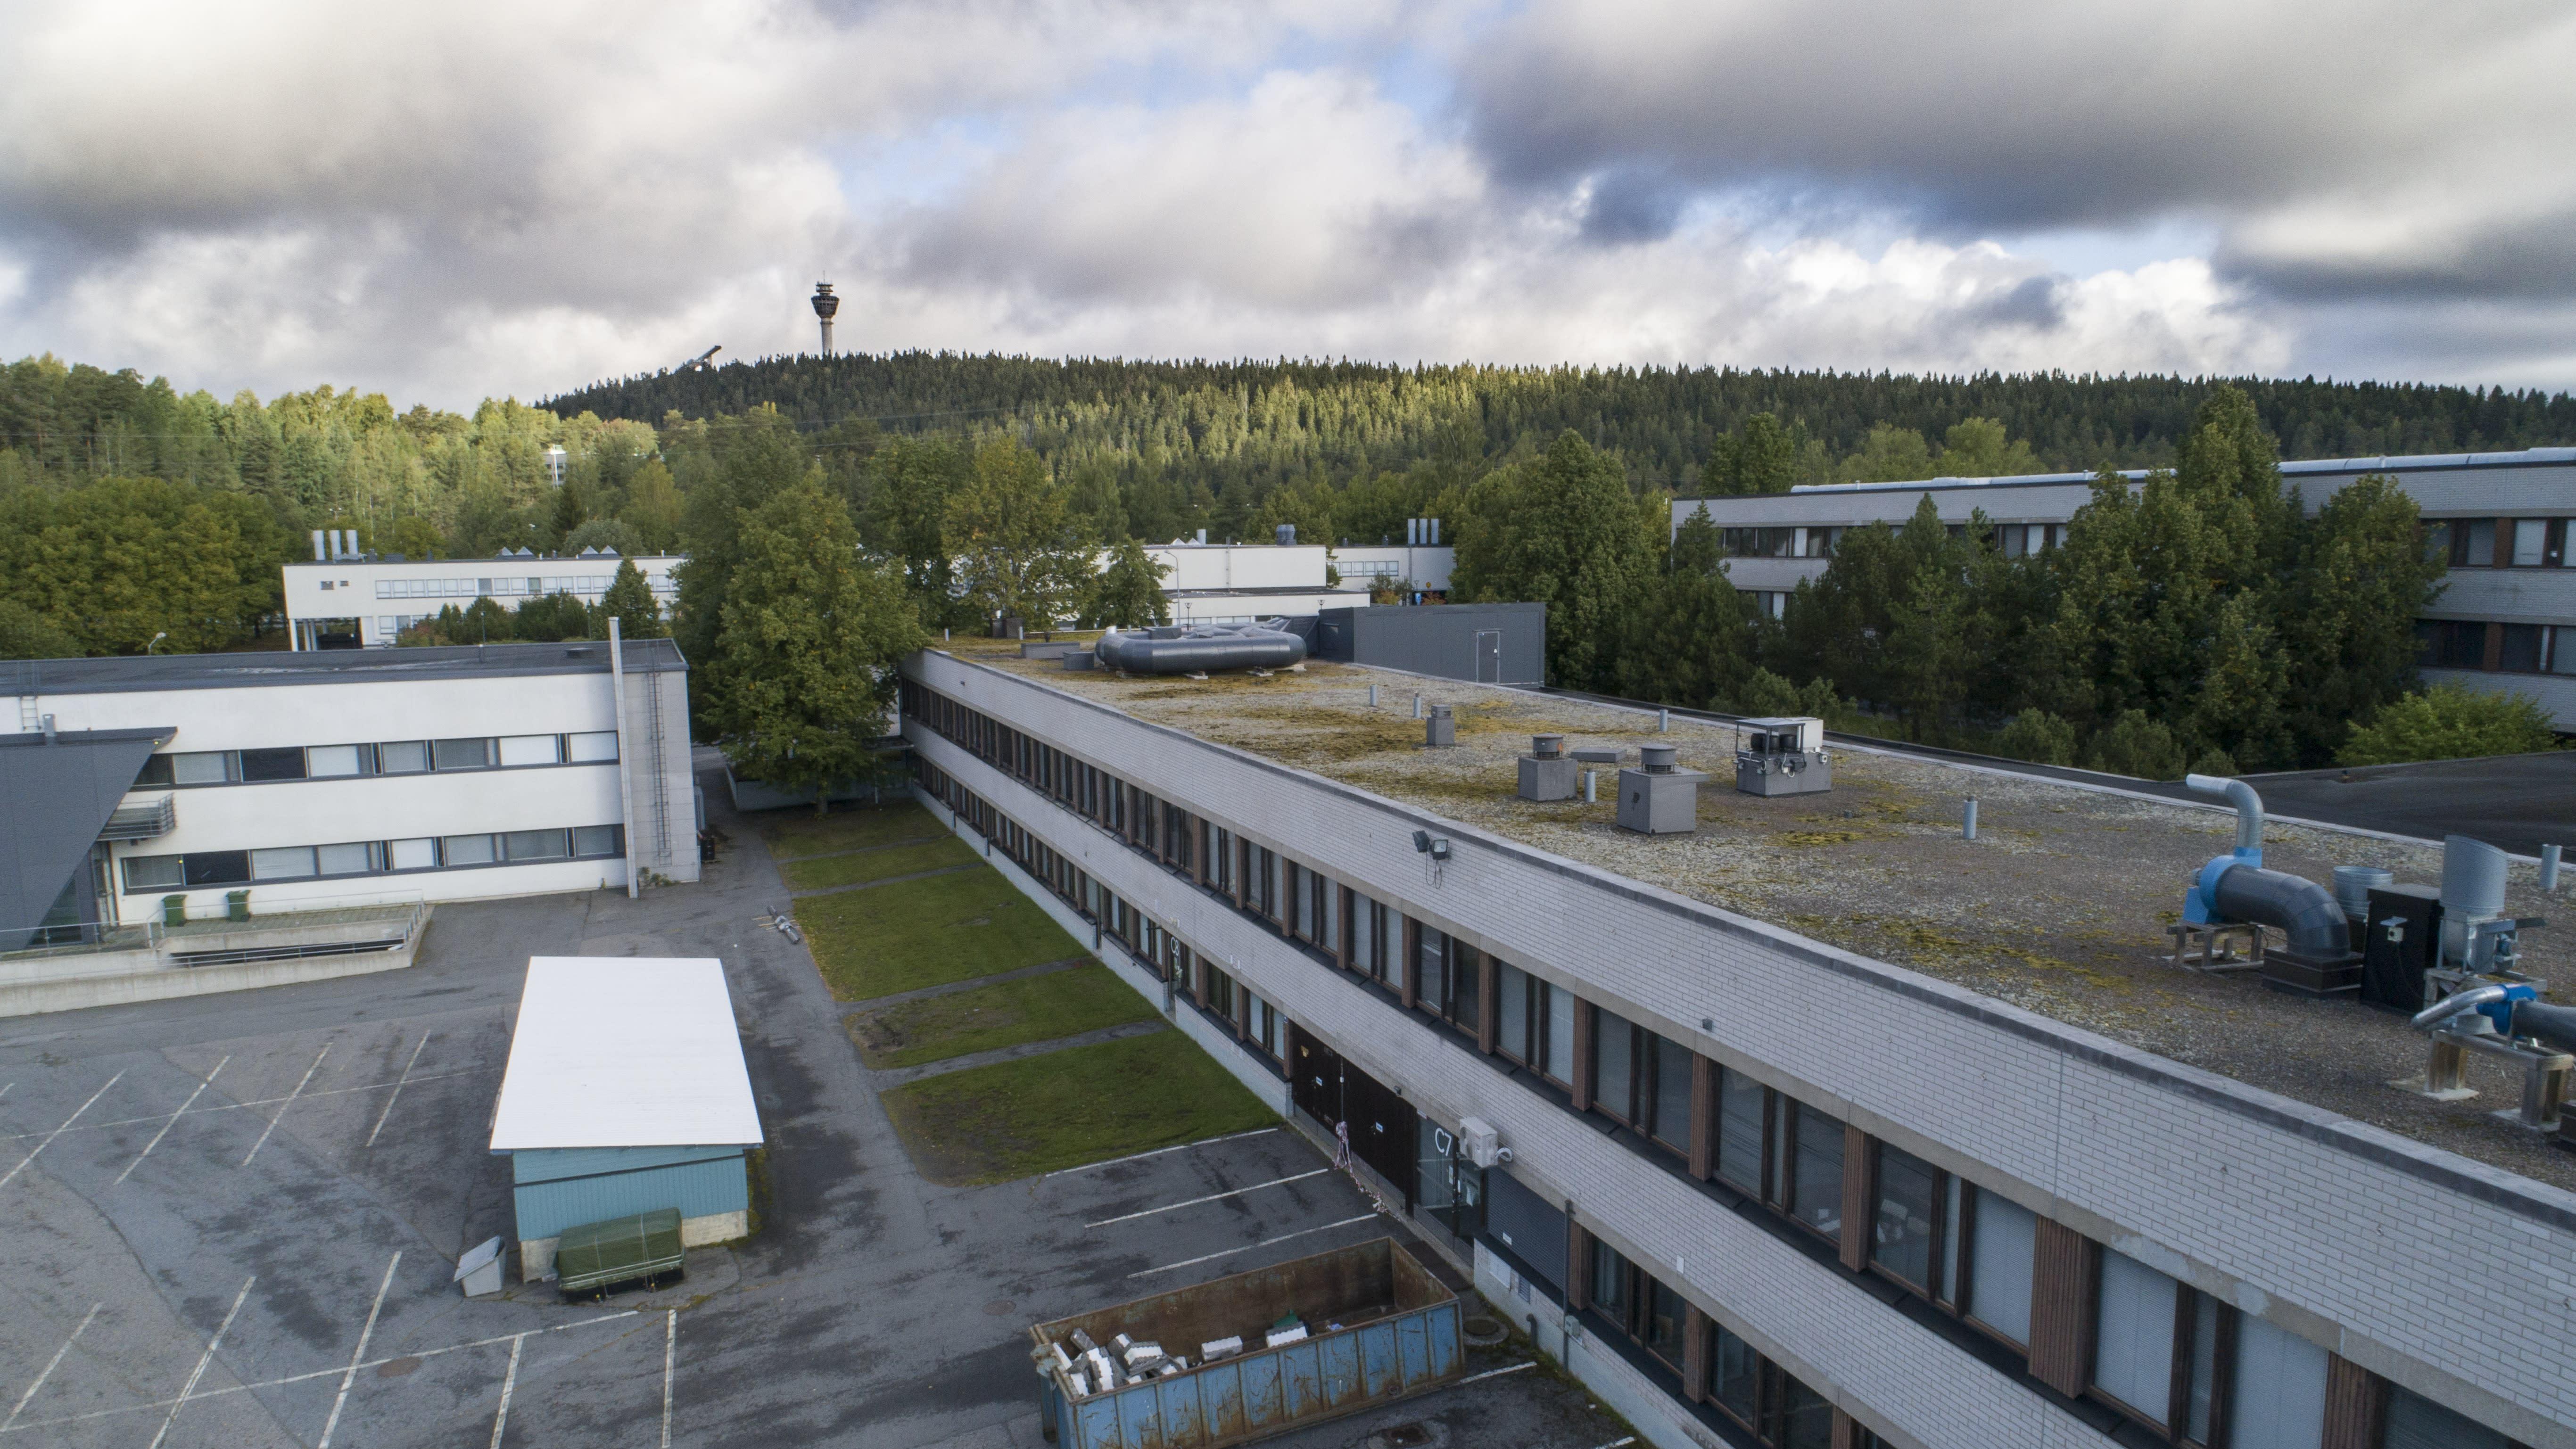 Puijonkuppee on sana, josta on kiistelty tänä syksynä Kuopiossa